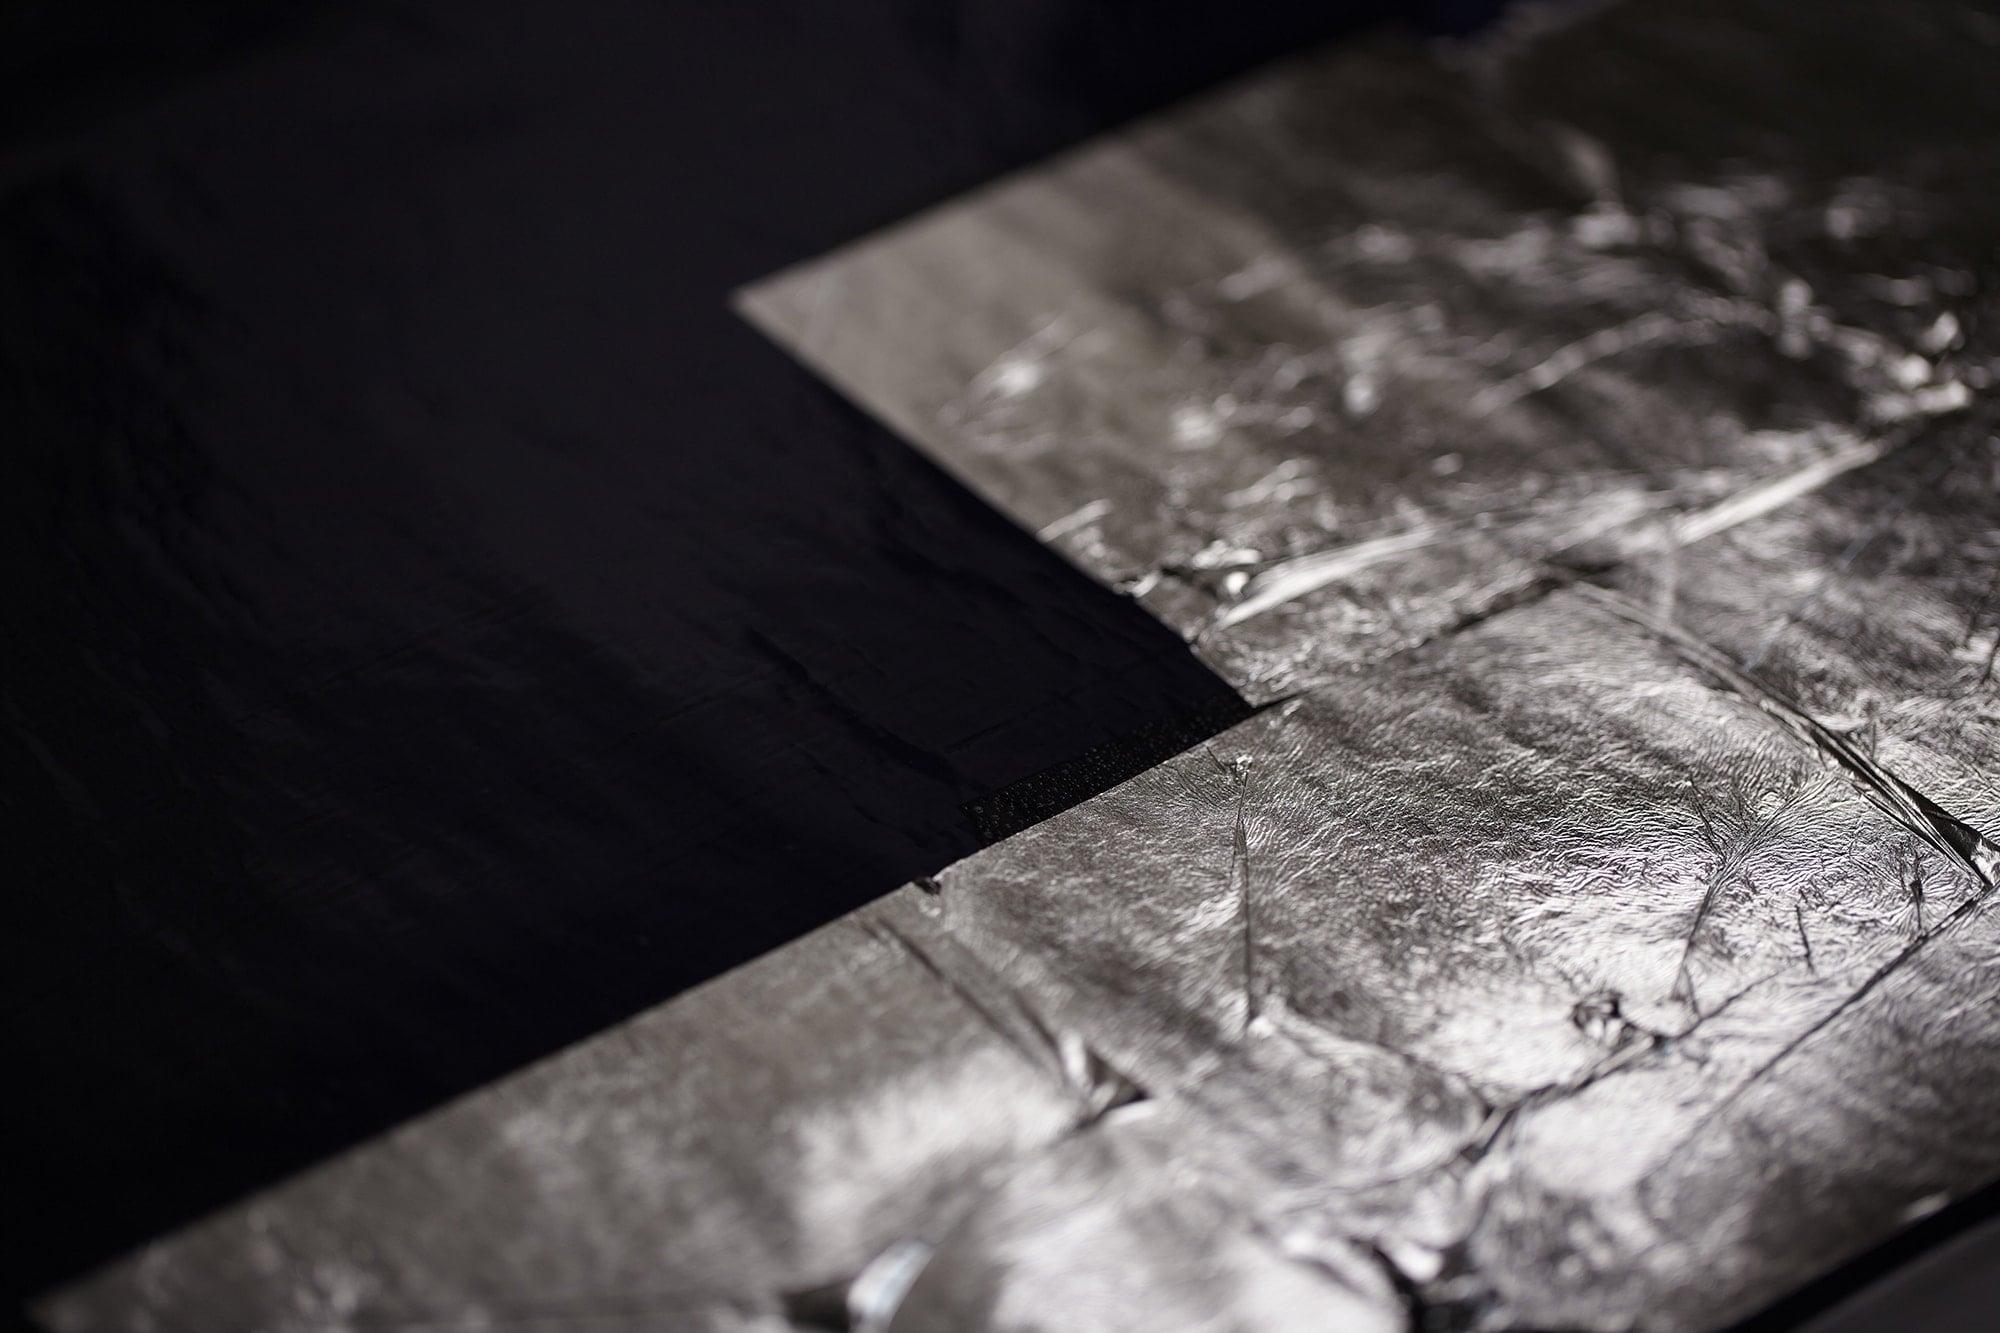 西陣織は生糸の製造から、糸染めなど20もの工程があり、それぞれのマスタークラフトマンによって仕上げられていく。